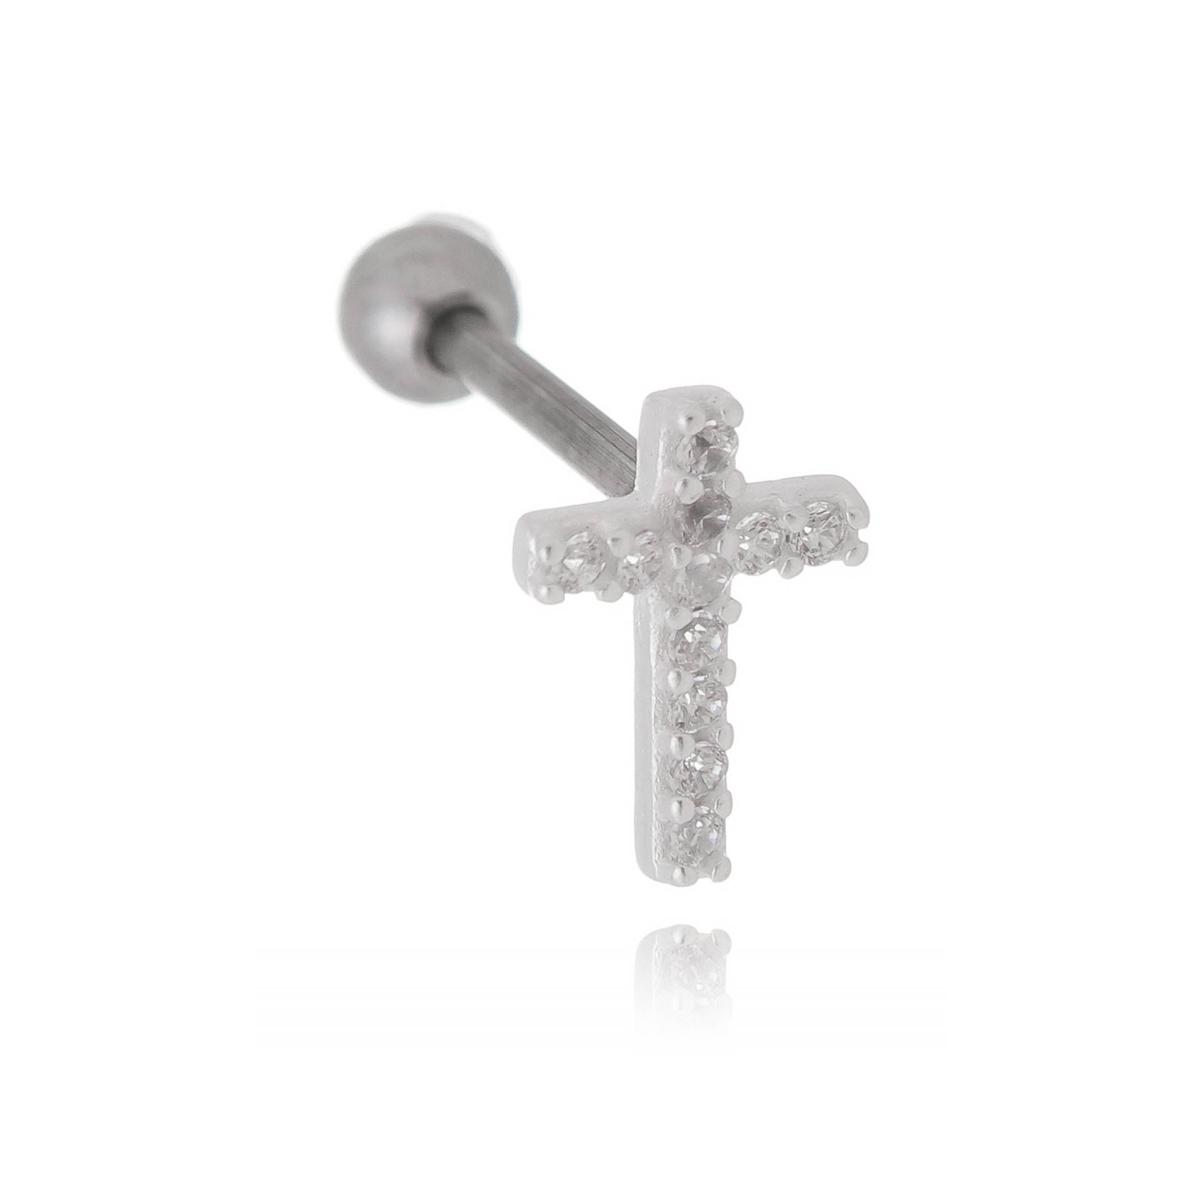 Piercing barbell cruz cravejada Aço cirúrgico/Prata 925